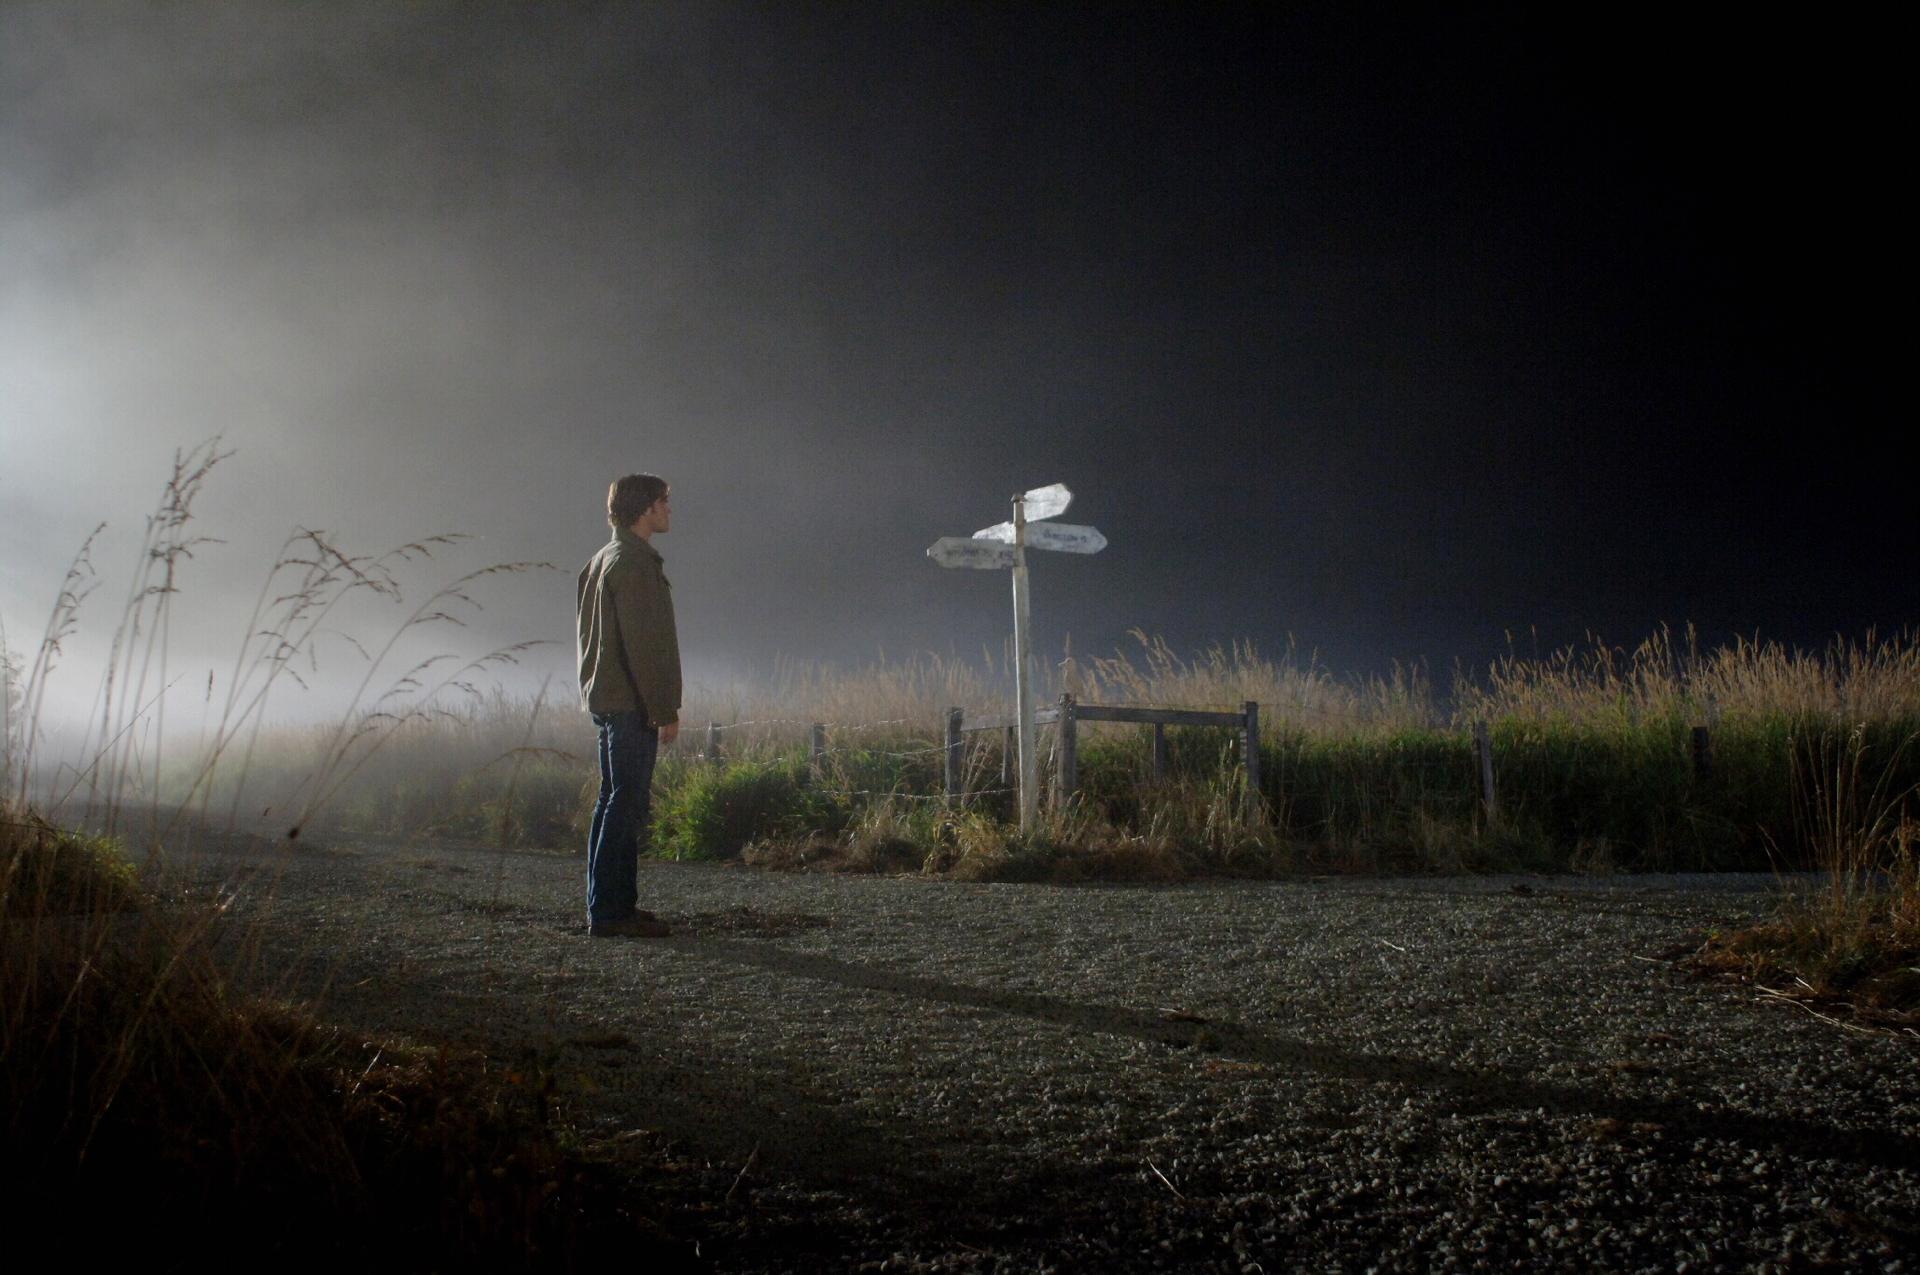 Supernatural-Season-3-Stills-supernatural-413793_1920_1275.jpg